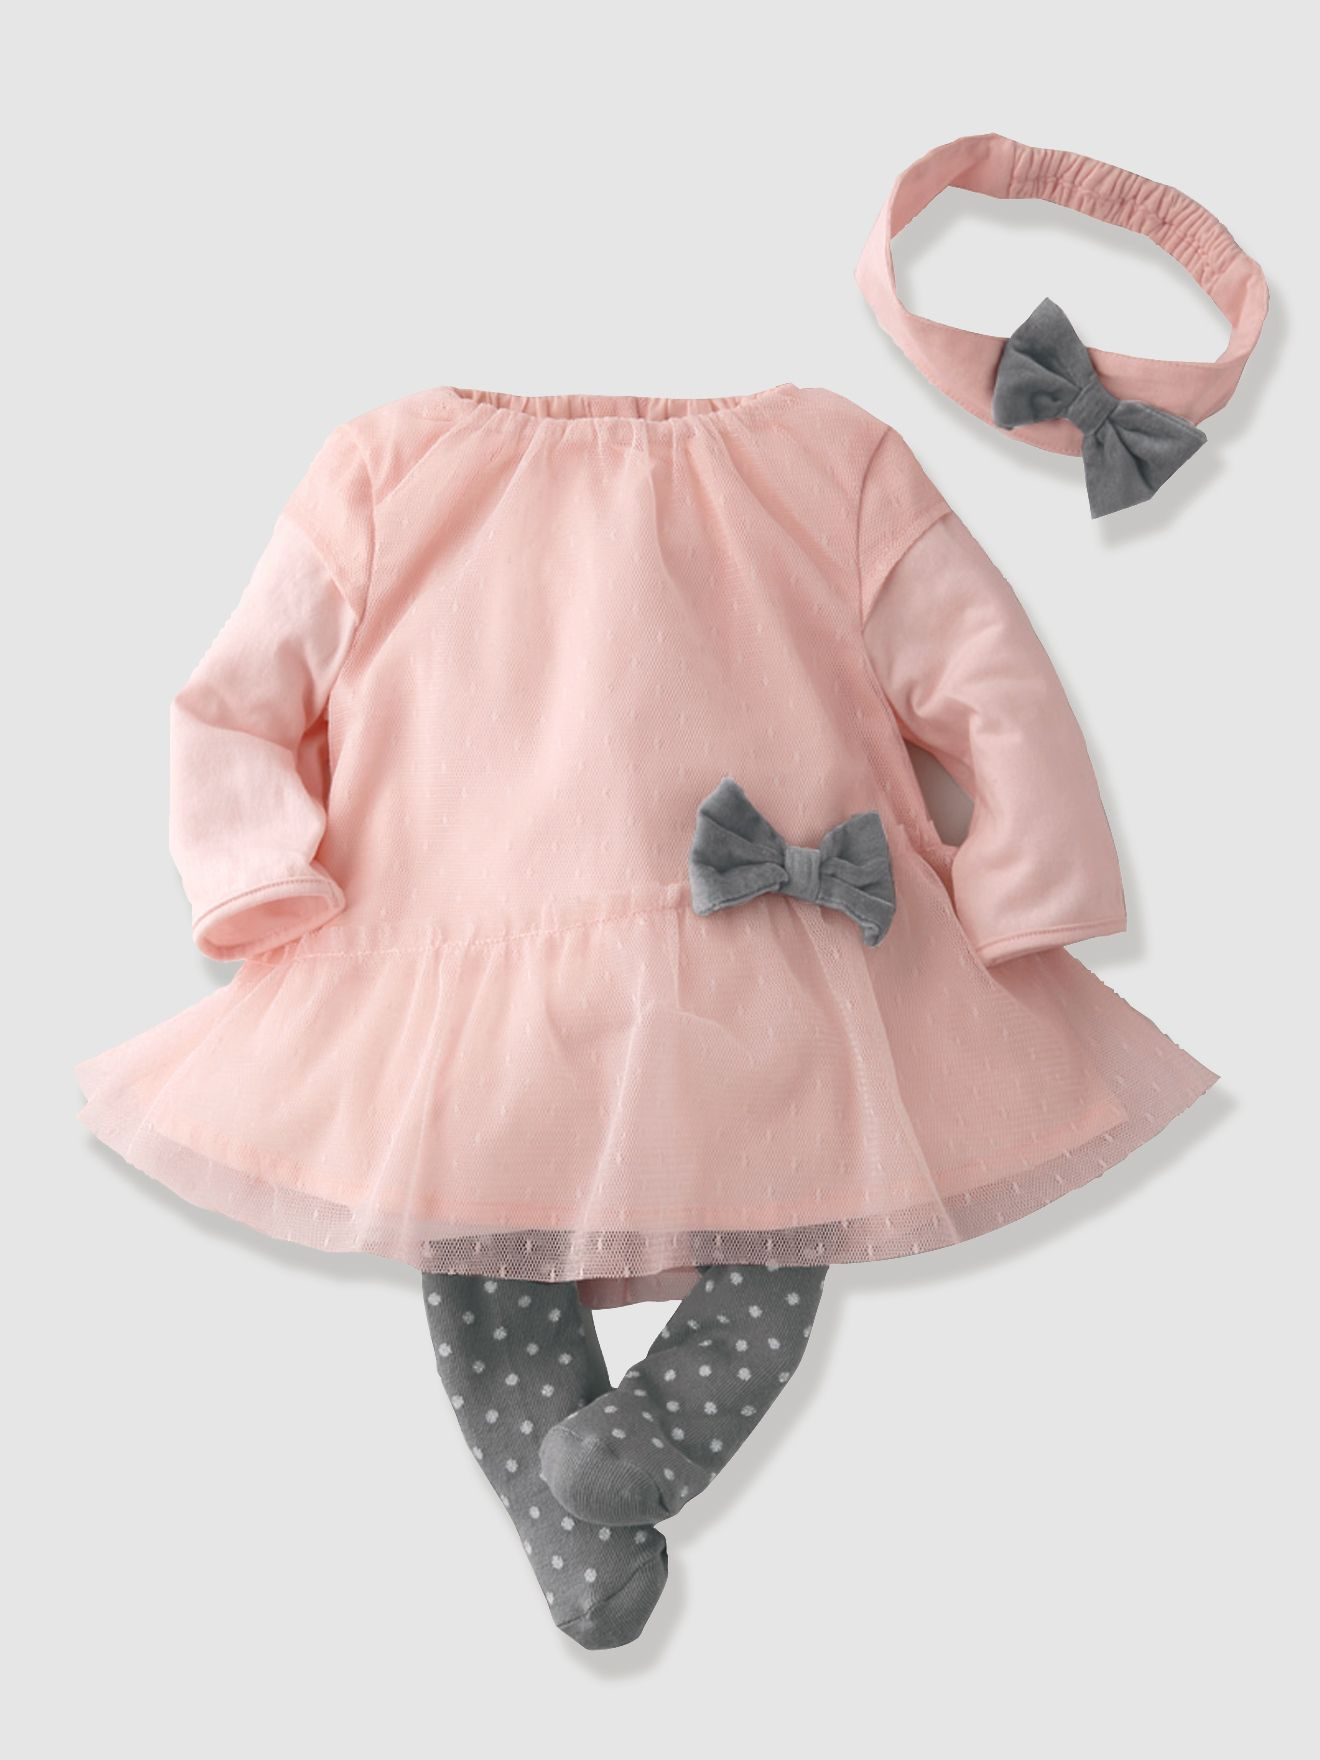 f655cd60df7c3 Ensemble 3 pièces fille bébé nouveau né 29.95€ | Baby girl clothing ...